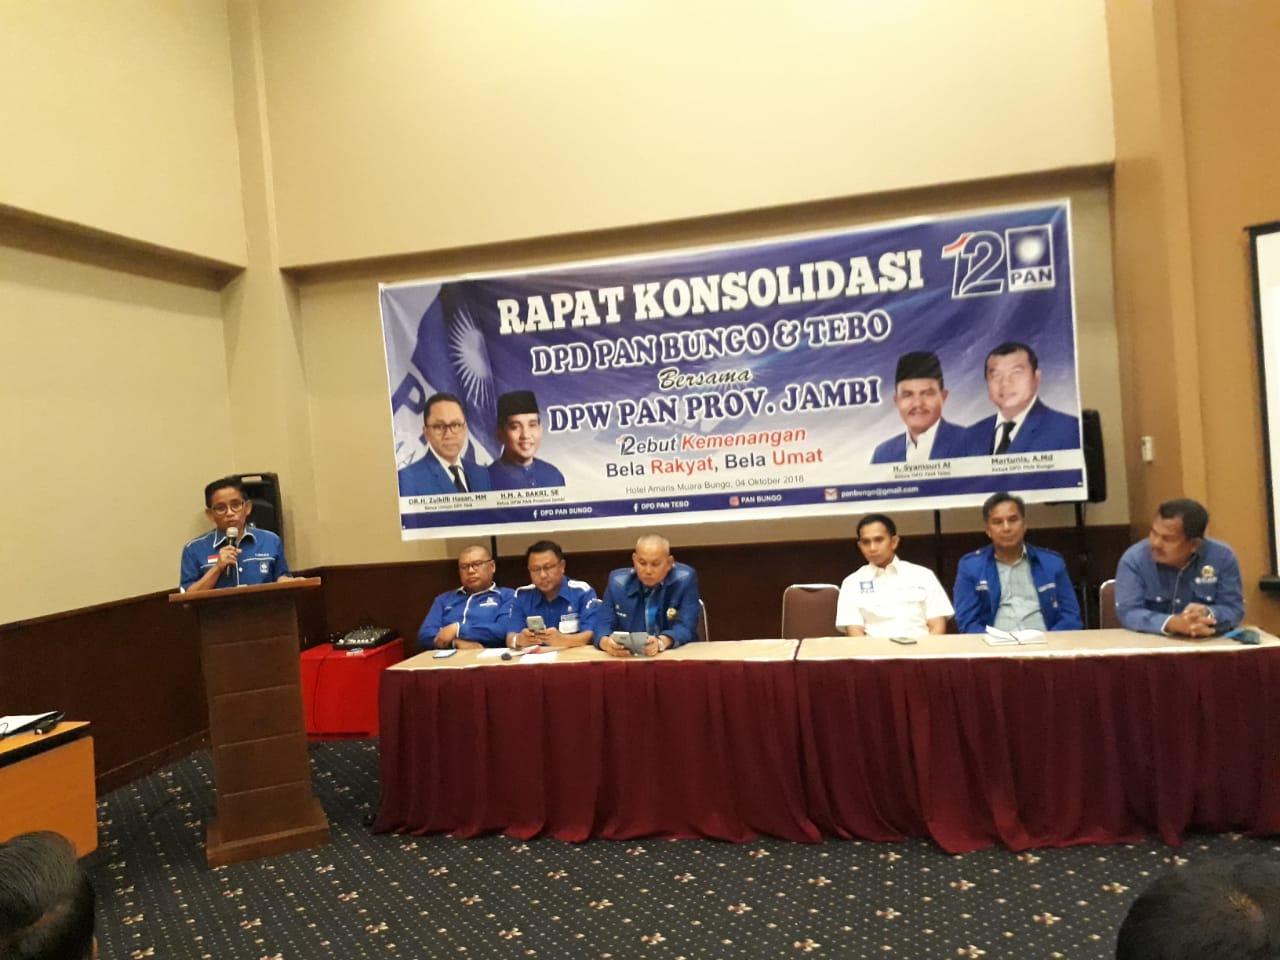 Permalink ke Road Show DPW PAN Jambi Singgah ke Bungo, Konsolidasi Bersama Caleg Turut Dihadiri Bupati Mashuri